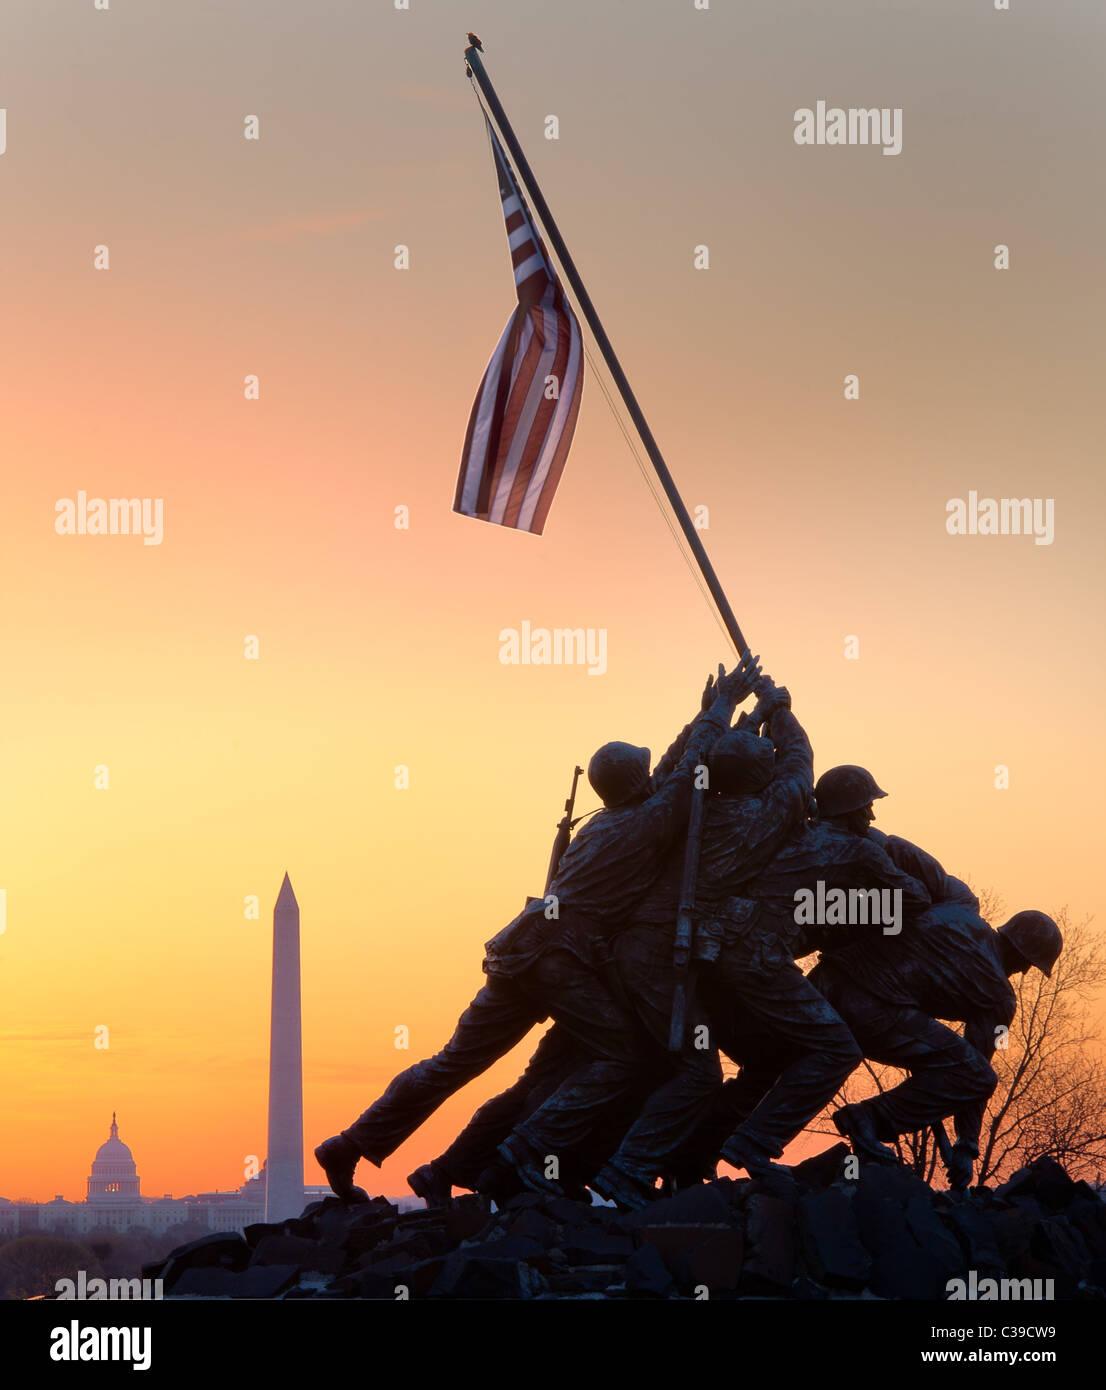 El Marine Corps War Memorial en Arlington, VA al amanecer con el Capitolio de los EEUU y el Monumento Washington Imagen De Stock